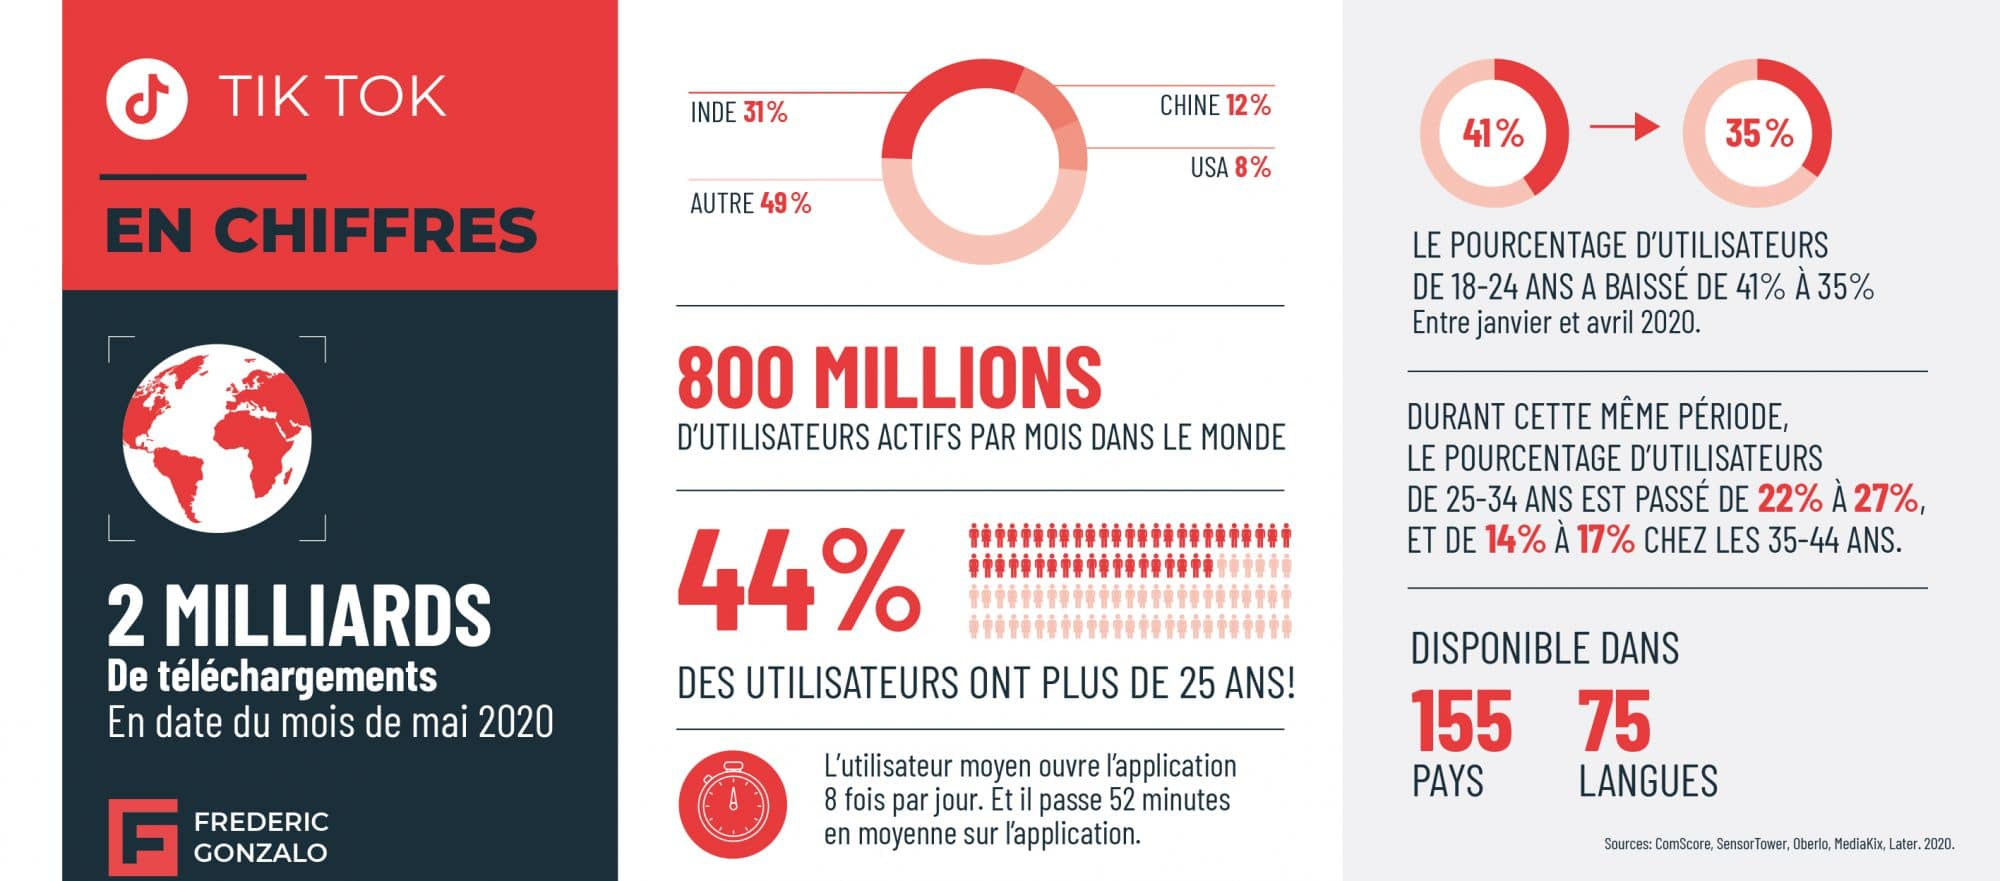 Statistiques d'utilisation de TikTok, juin 2020